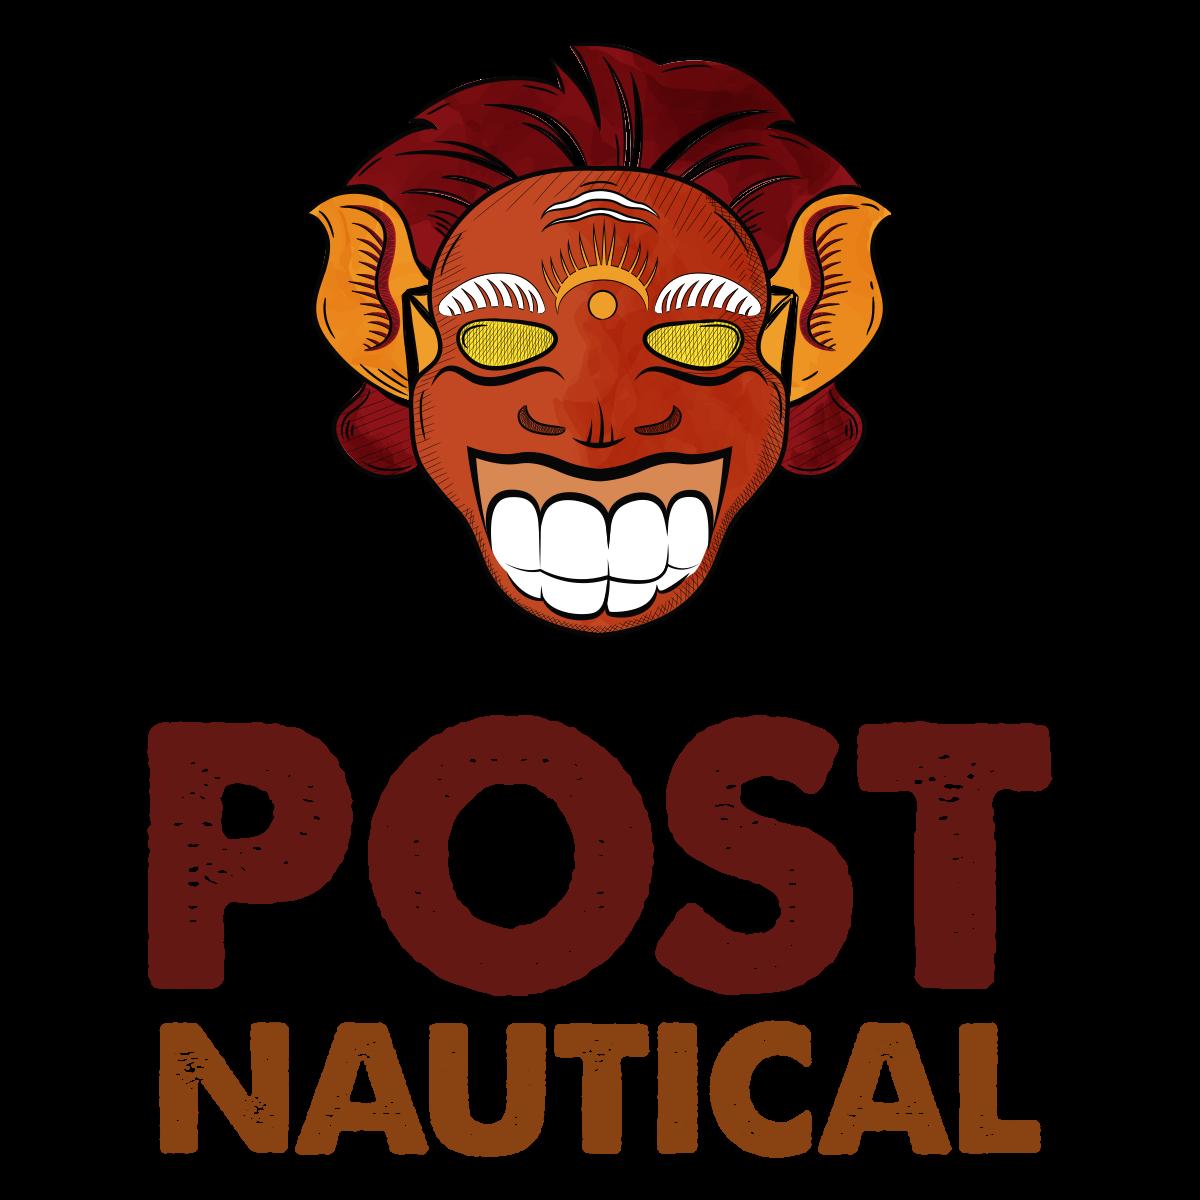 Finalise logo